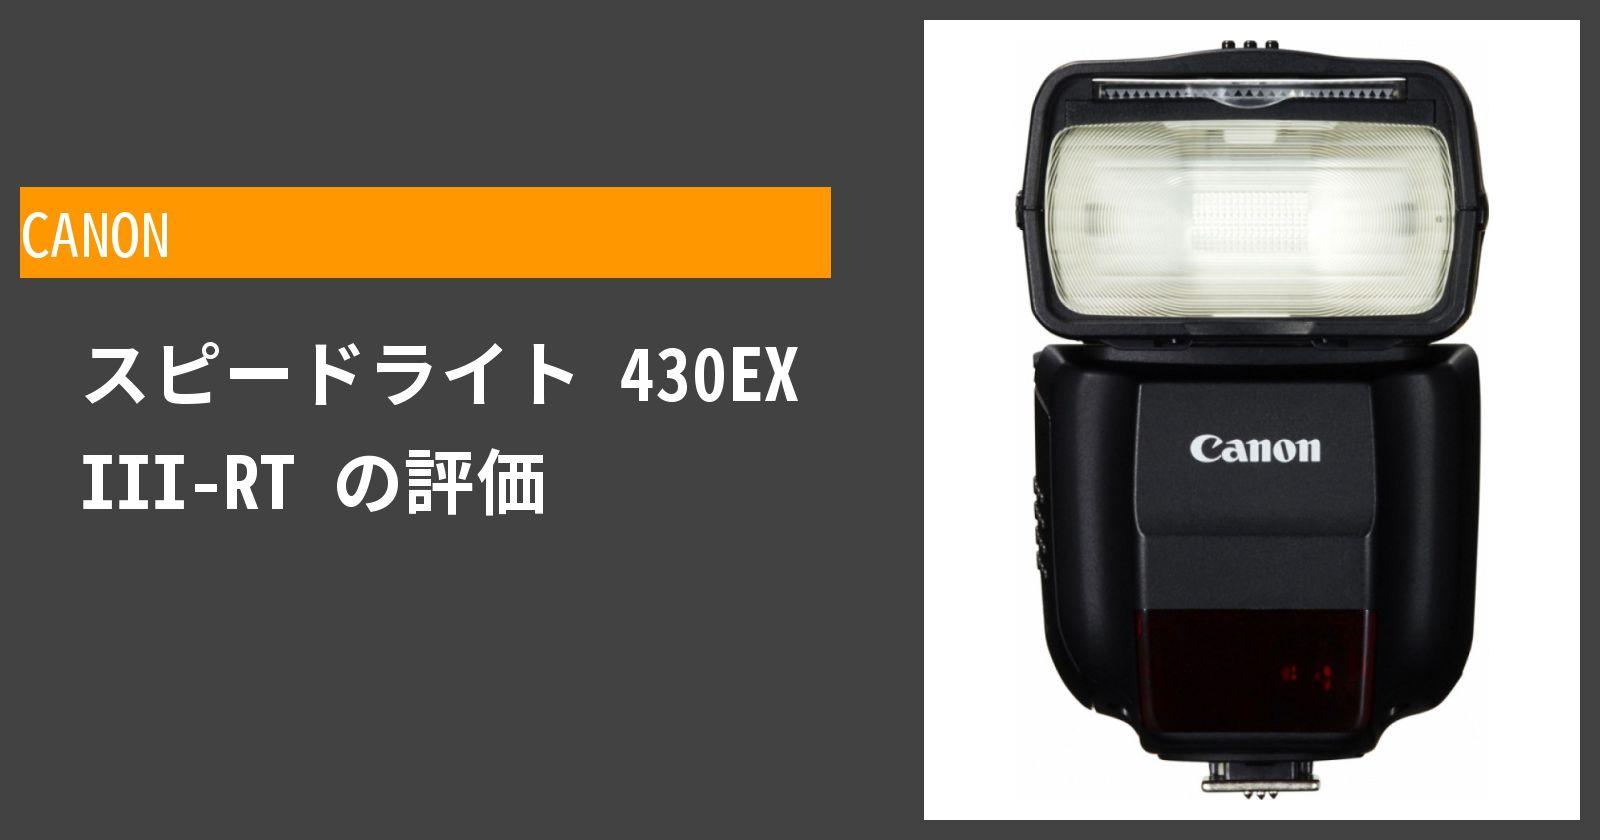 スピードライト 430EX III-RTを徹底評価